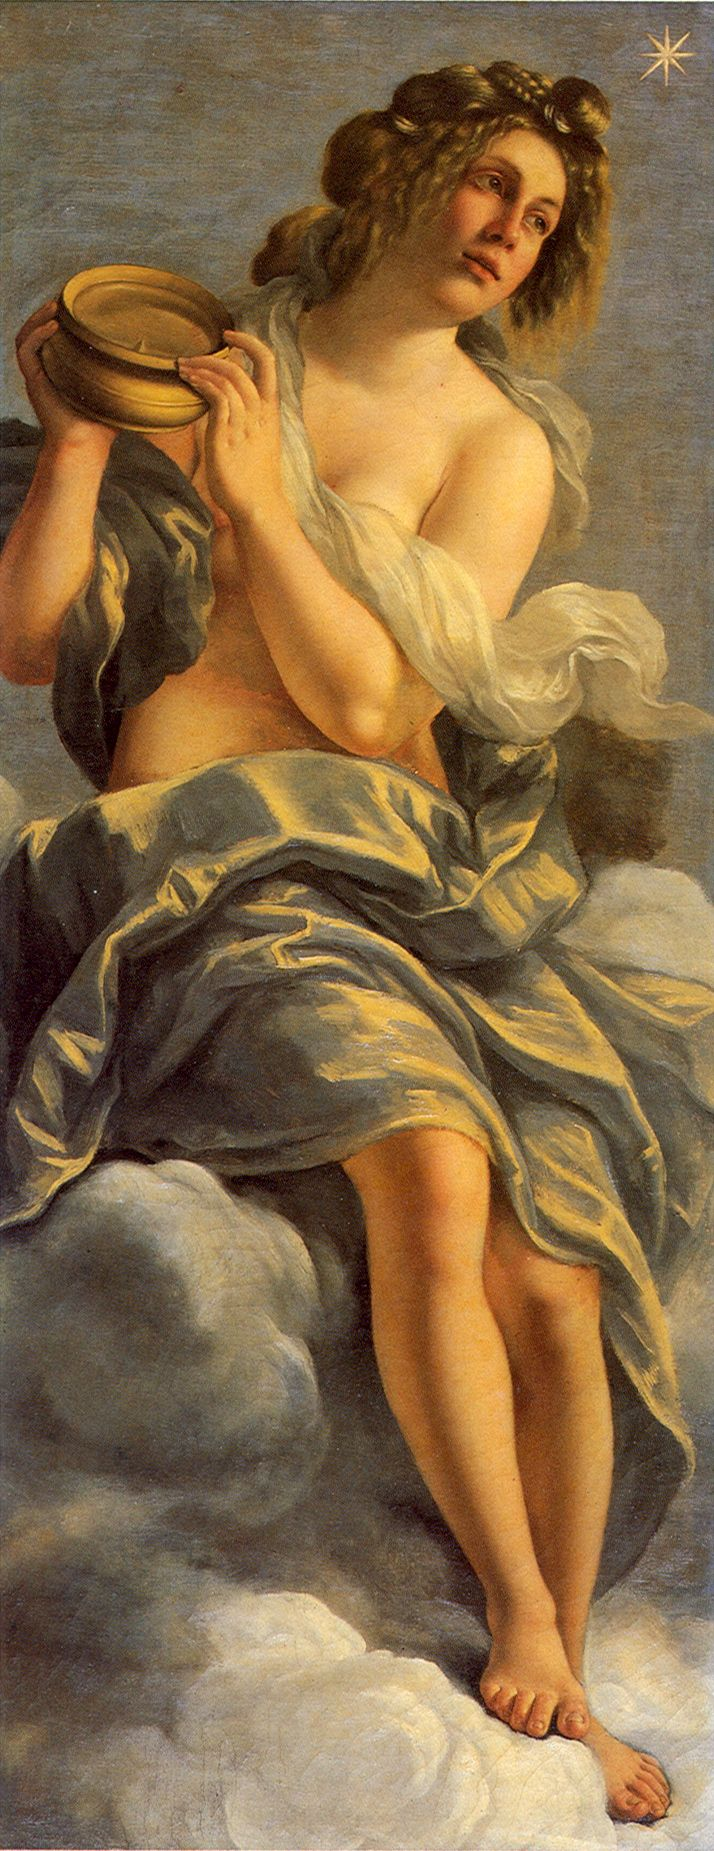 artemisia-gentileschi-allegoria-dell-inclinazione